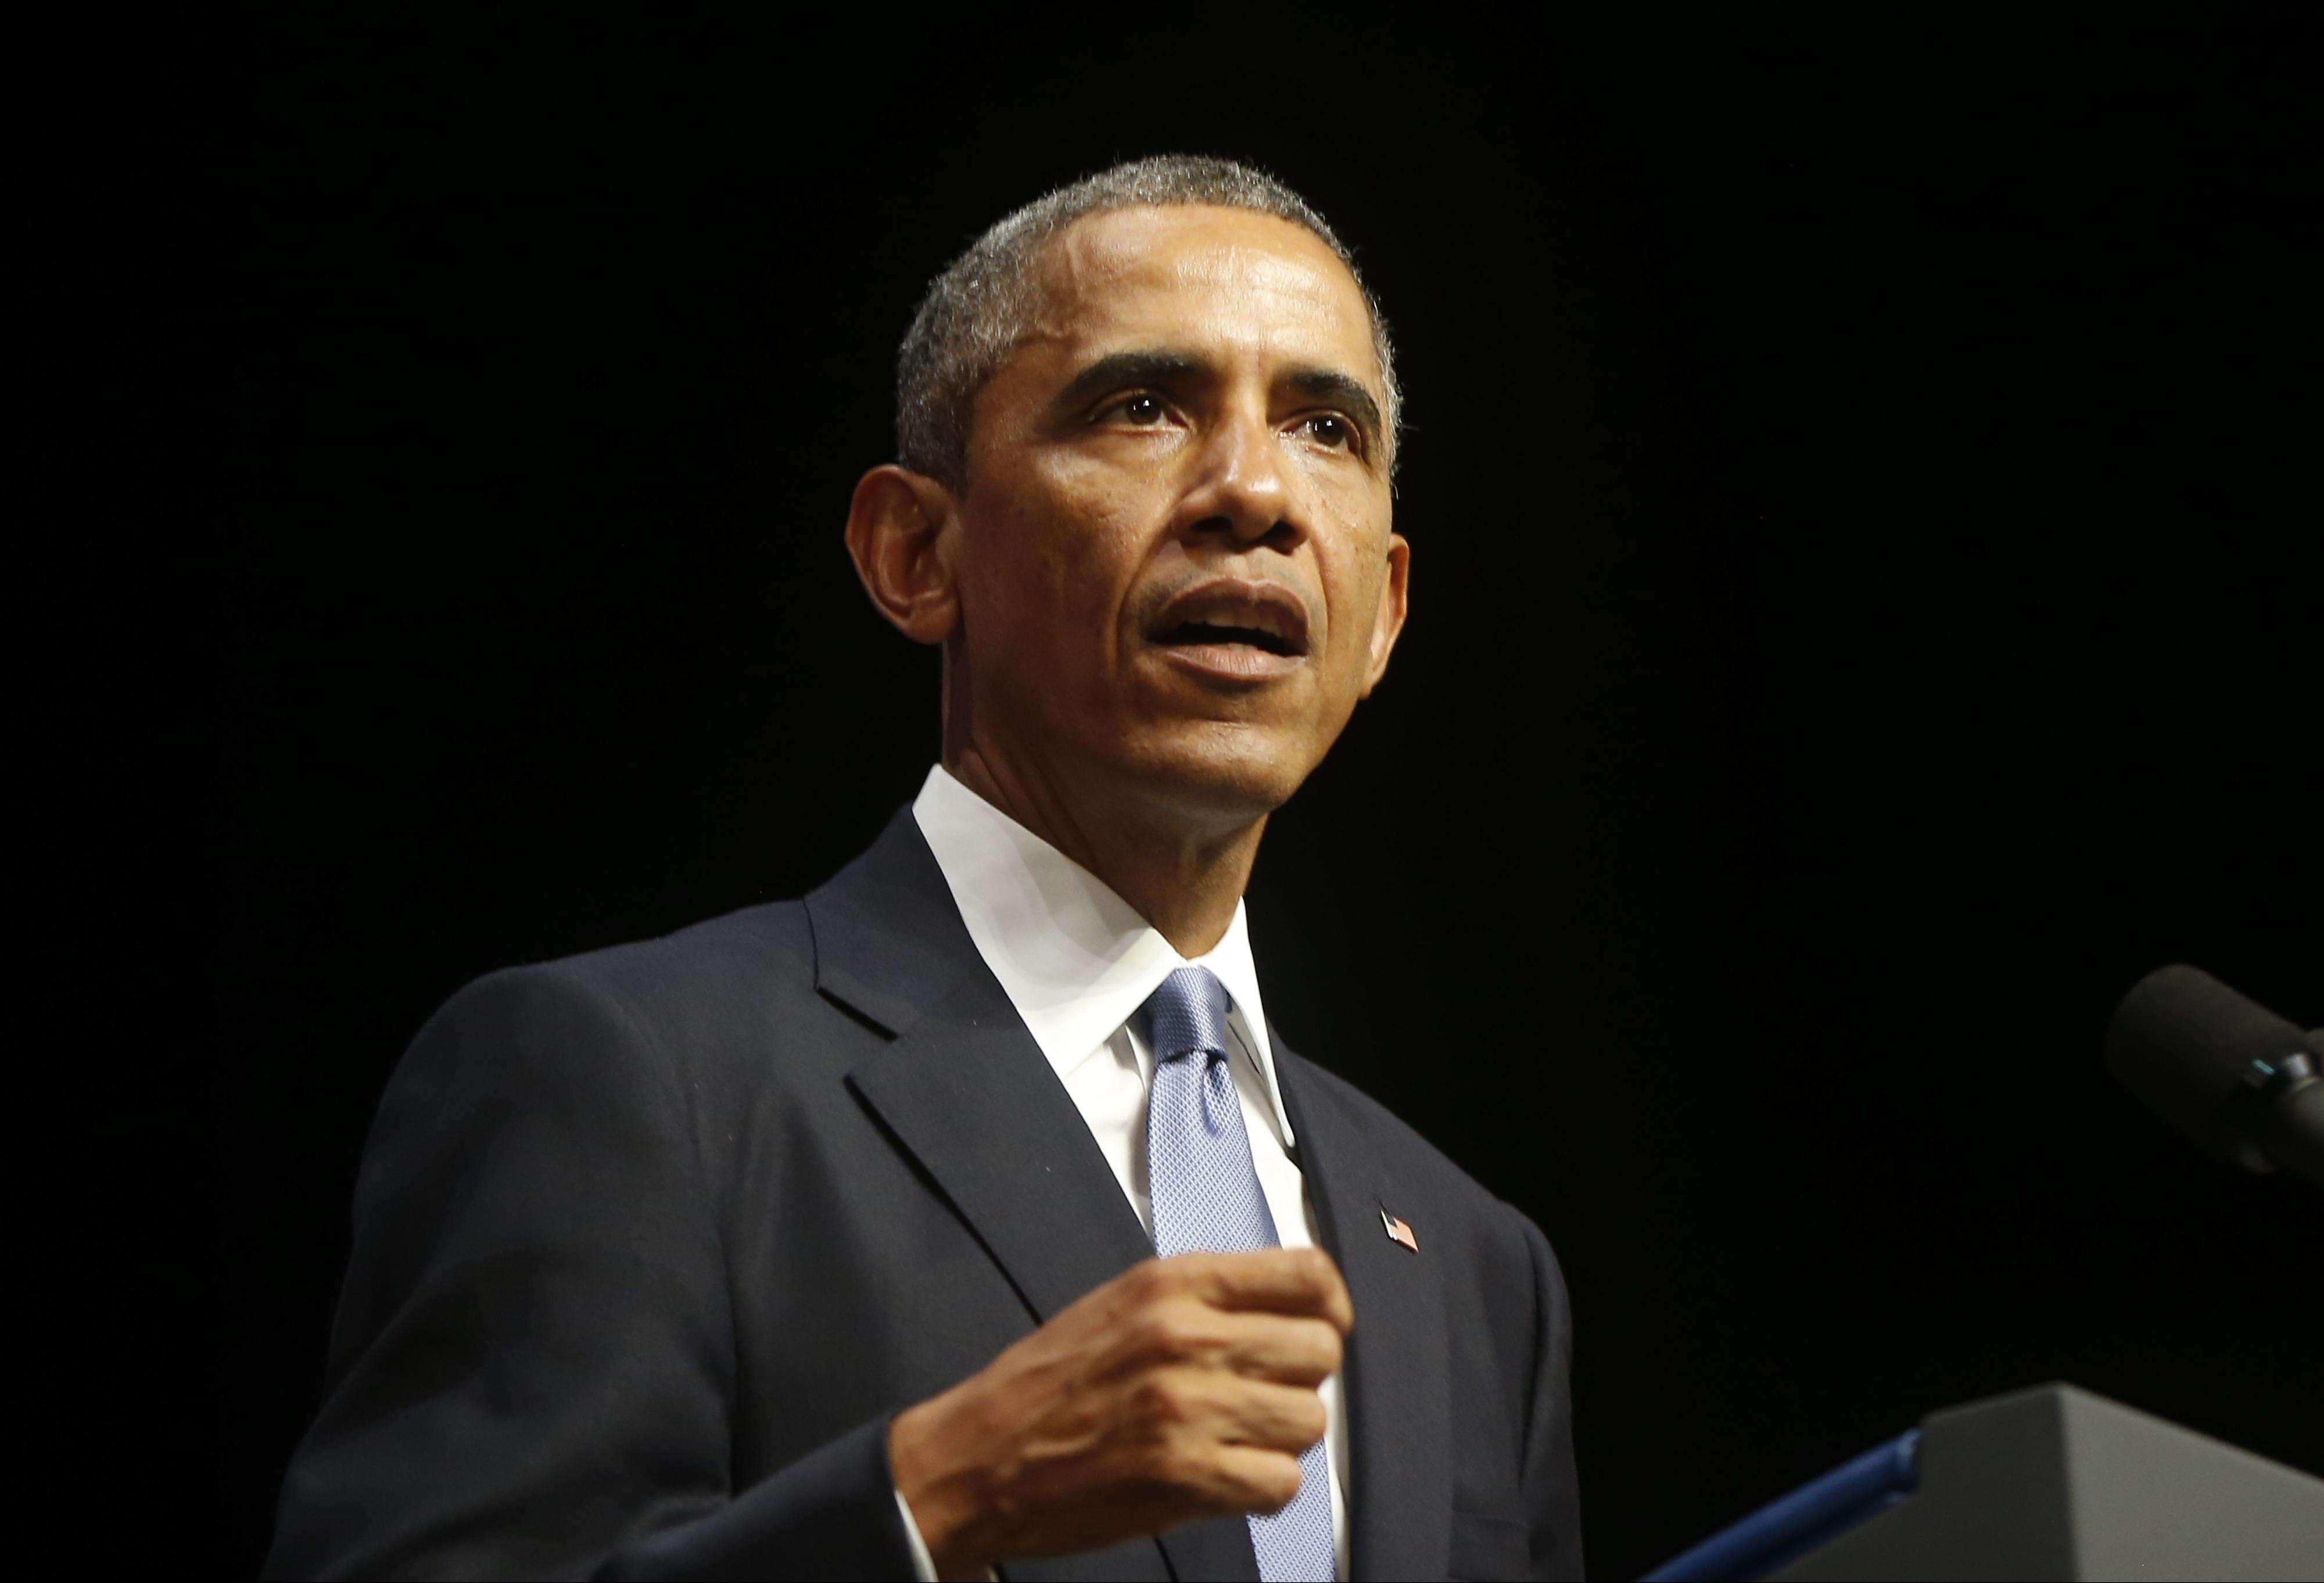 Foto de archivo, 3 de septiembre de 2014, del presidente Barack Obama en Estonia. Foto: AP en español